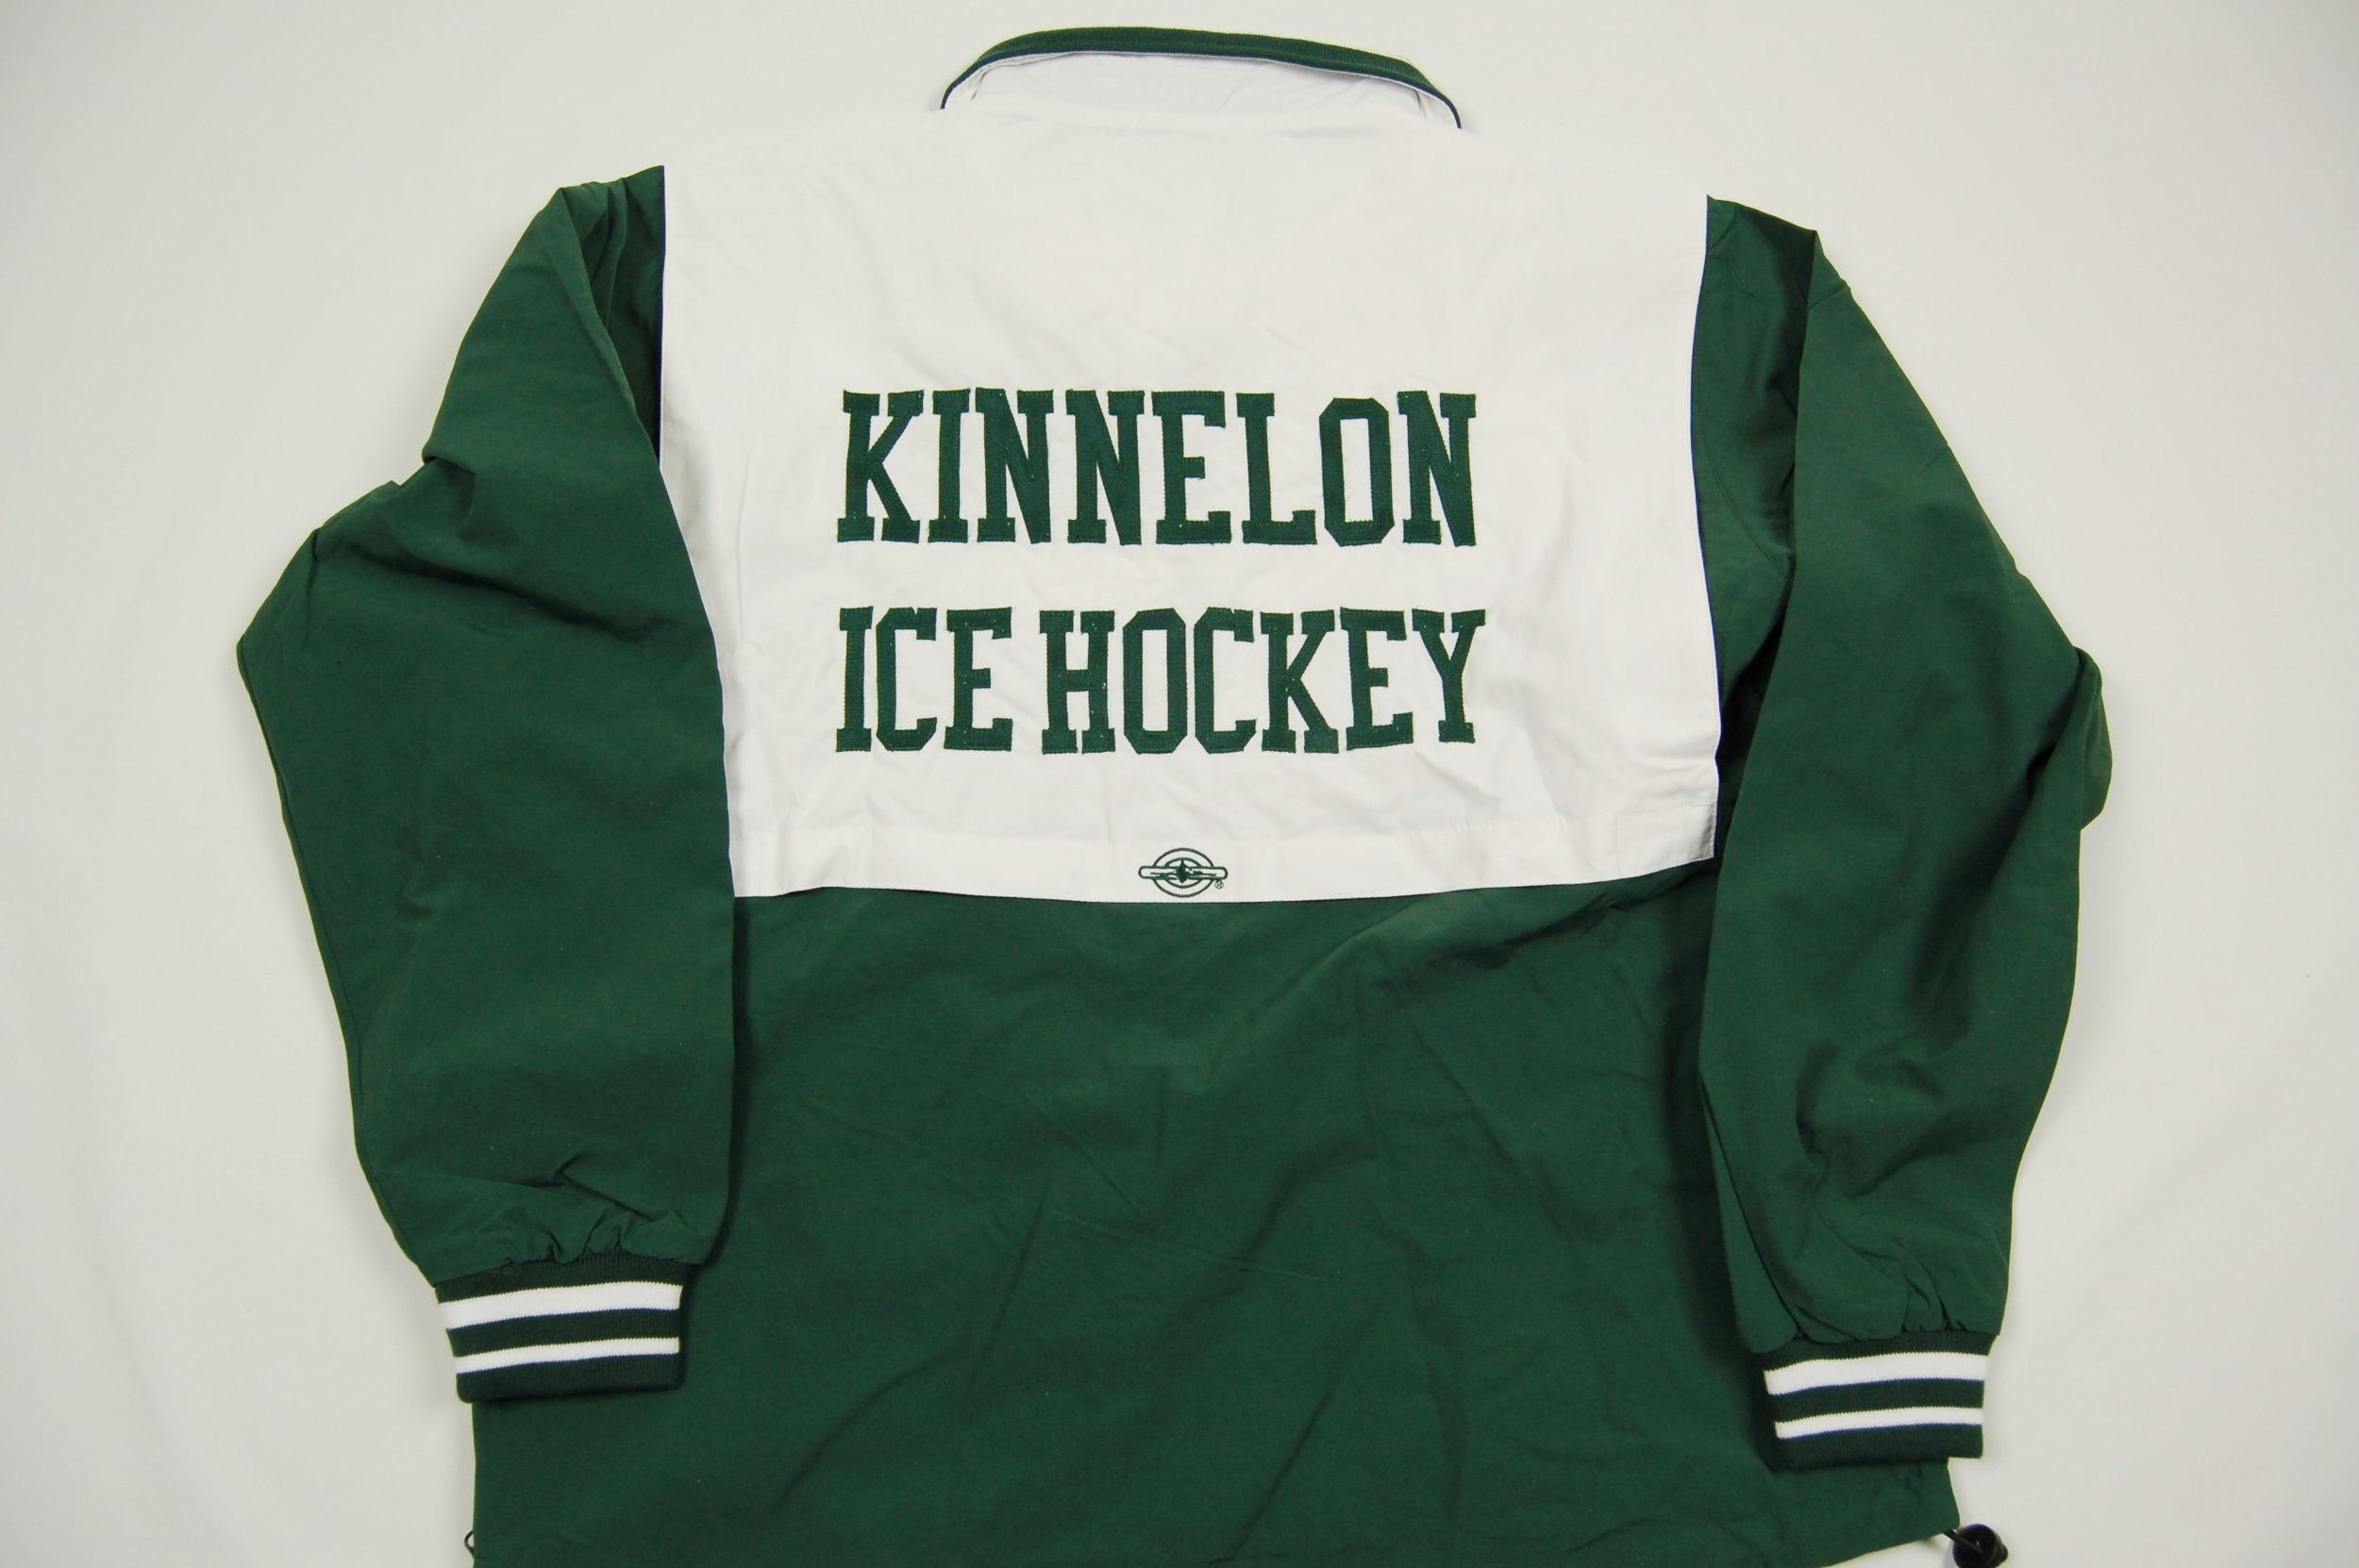 Kinnelon Ice Hockey jacket.